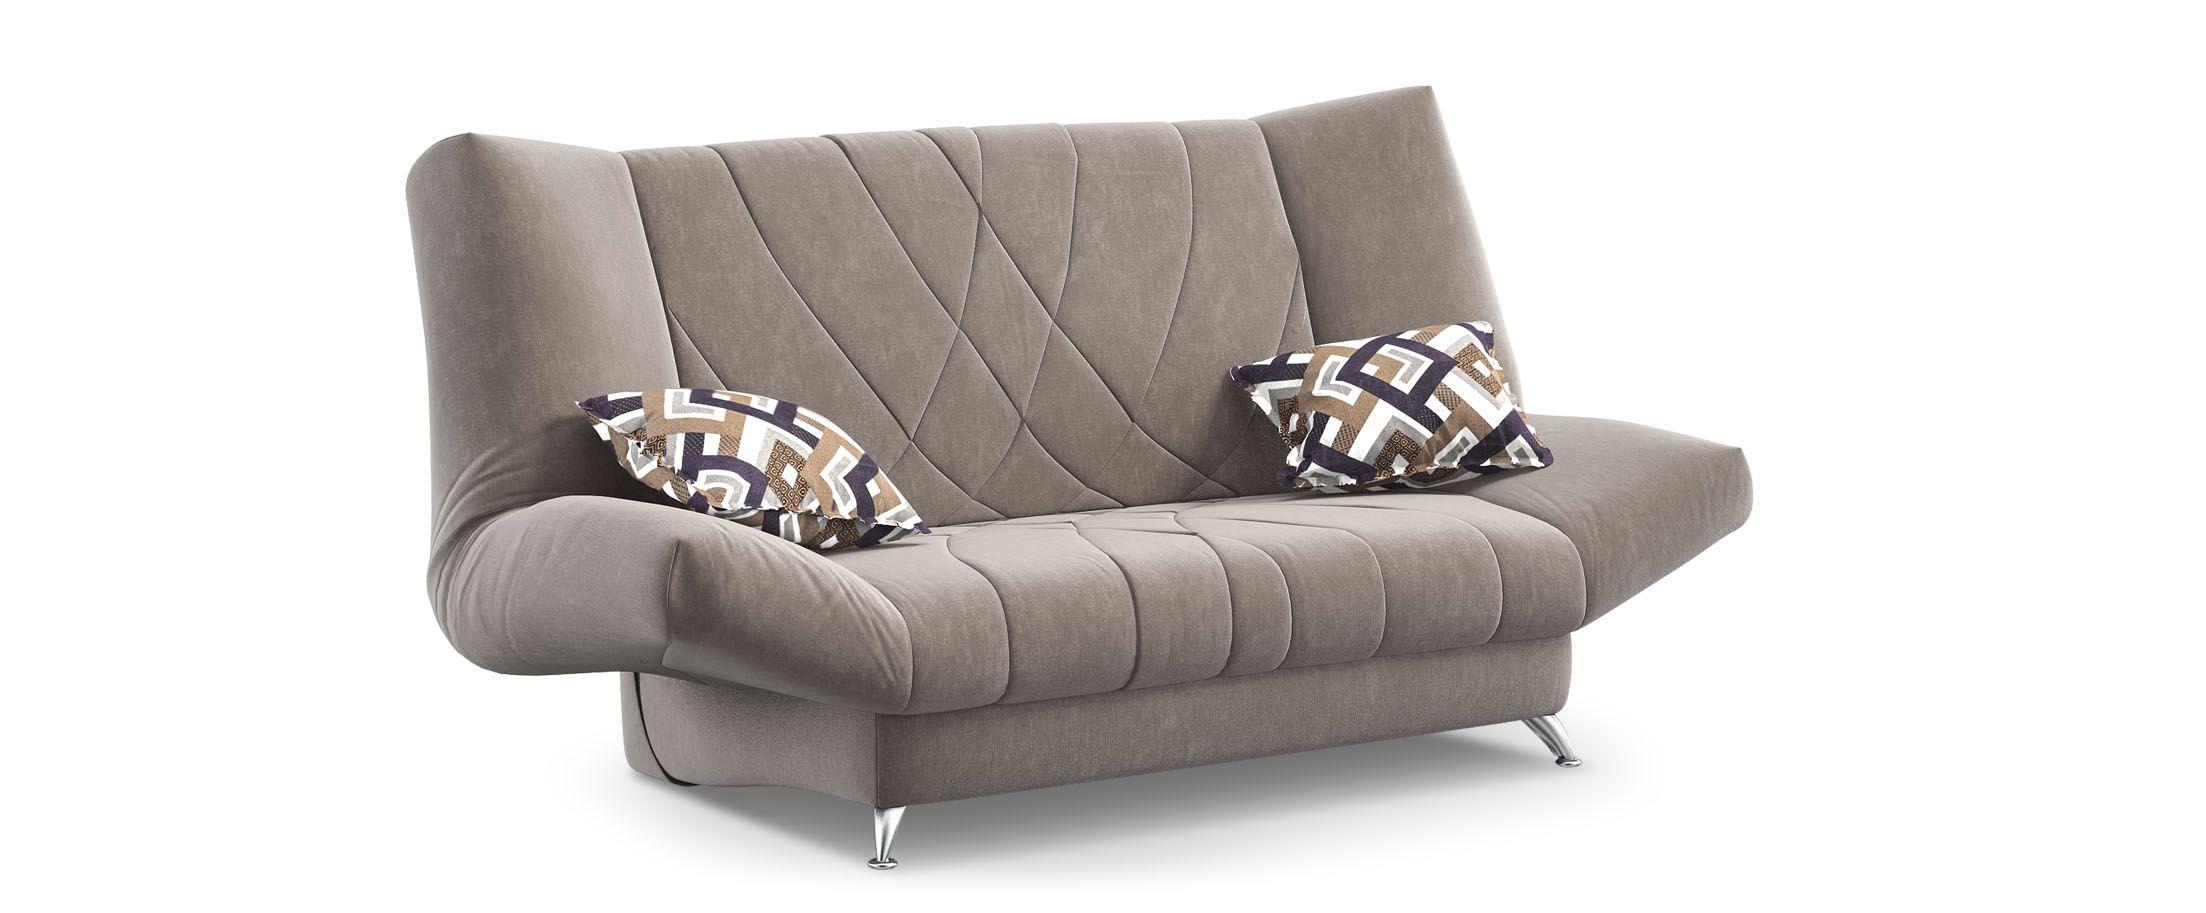 Диван прямой клик-кляк Санта Next 036Гостевой вариант и полноценное спальное место. Размеры 192х101х108 см. Купить коричневый диван клик-кляк в интернет-магазине MOON TRADE.<br>